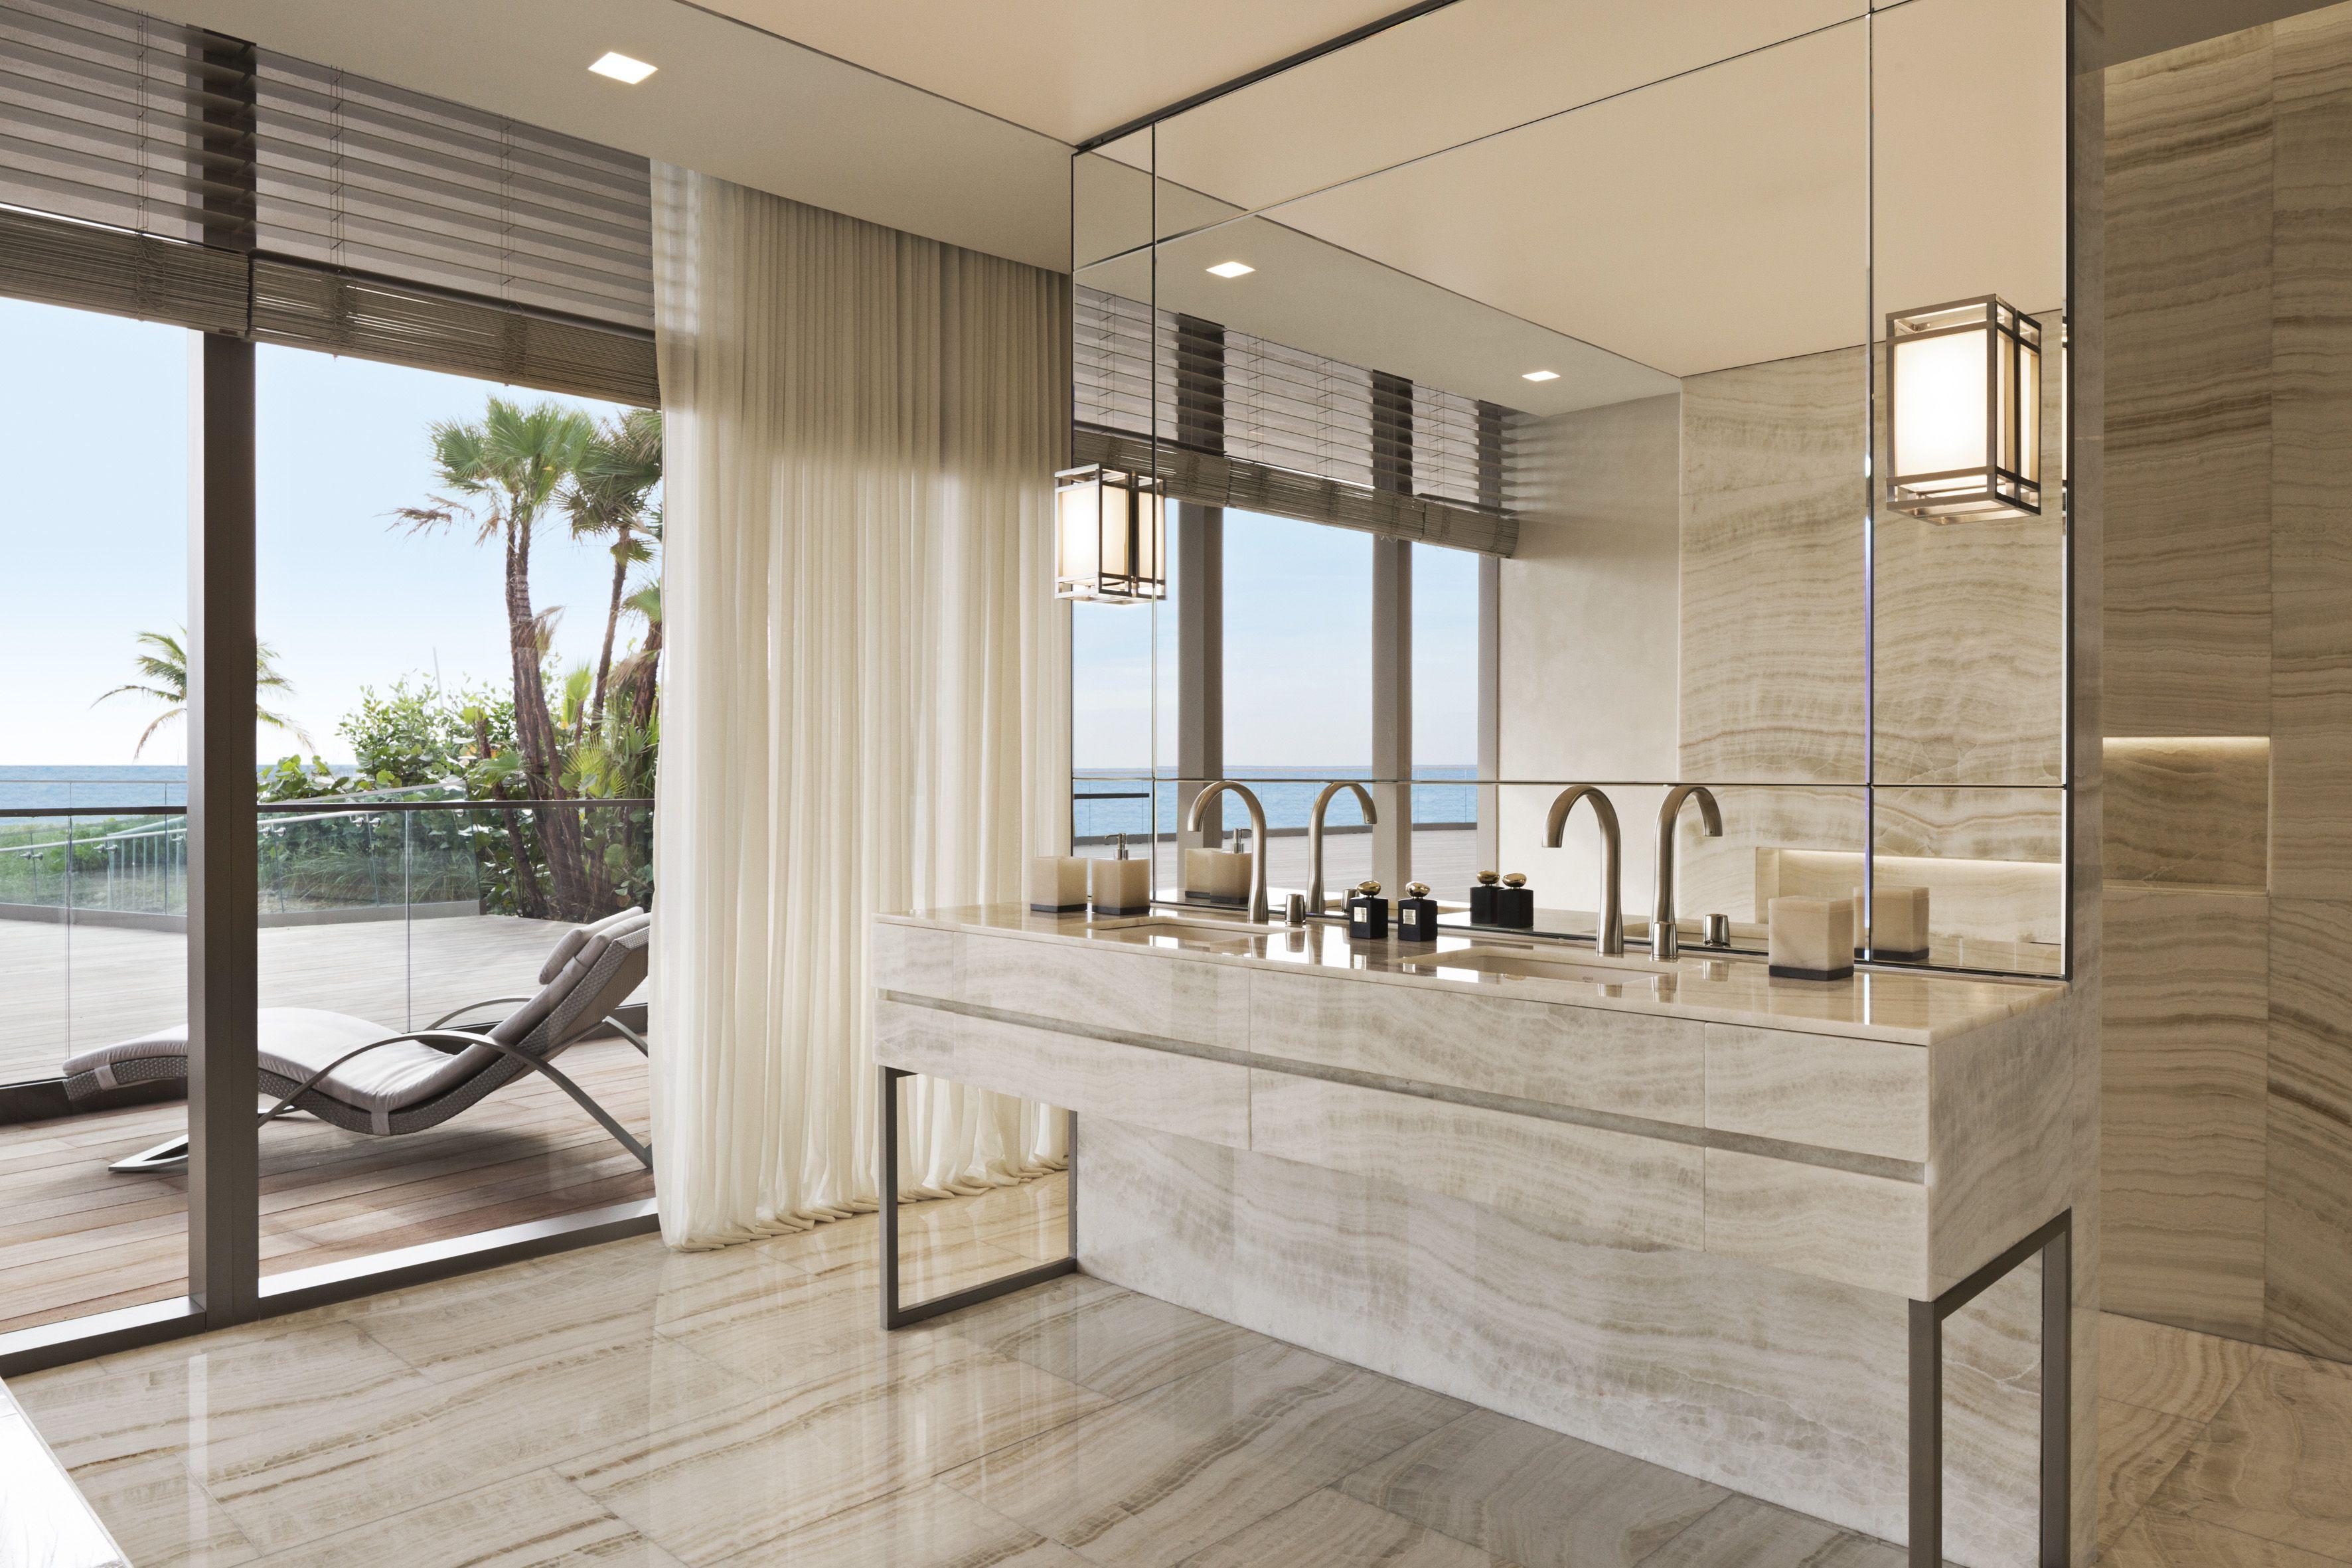 Armani/Casa designed the interiors of a new luxury development project in Miami, Florida.